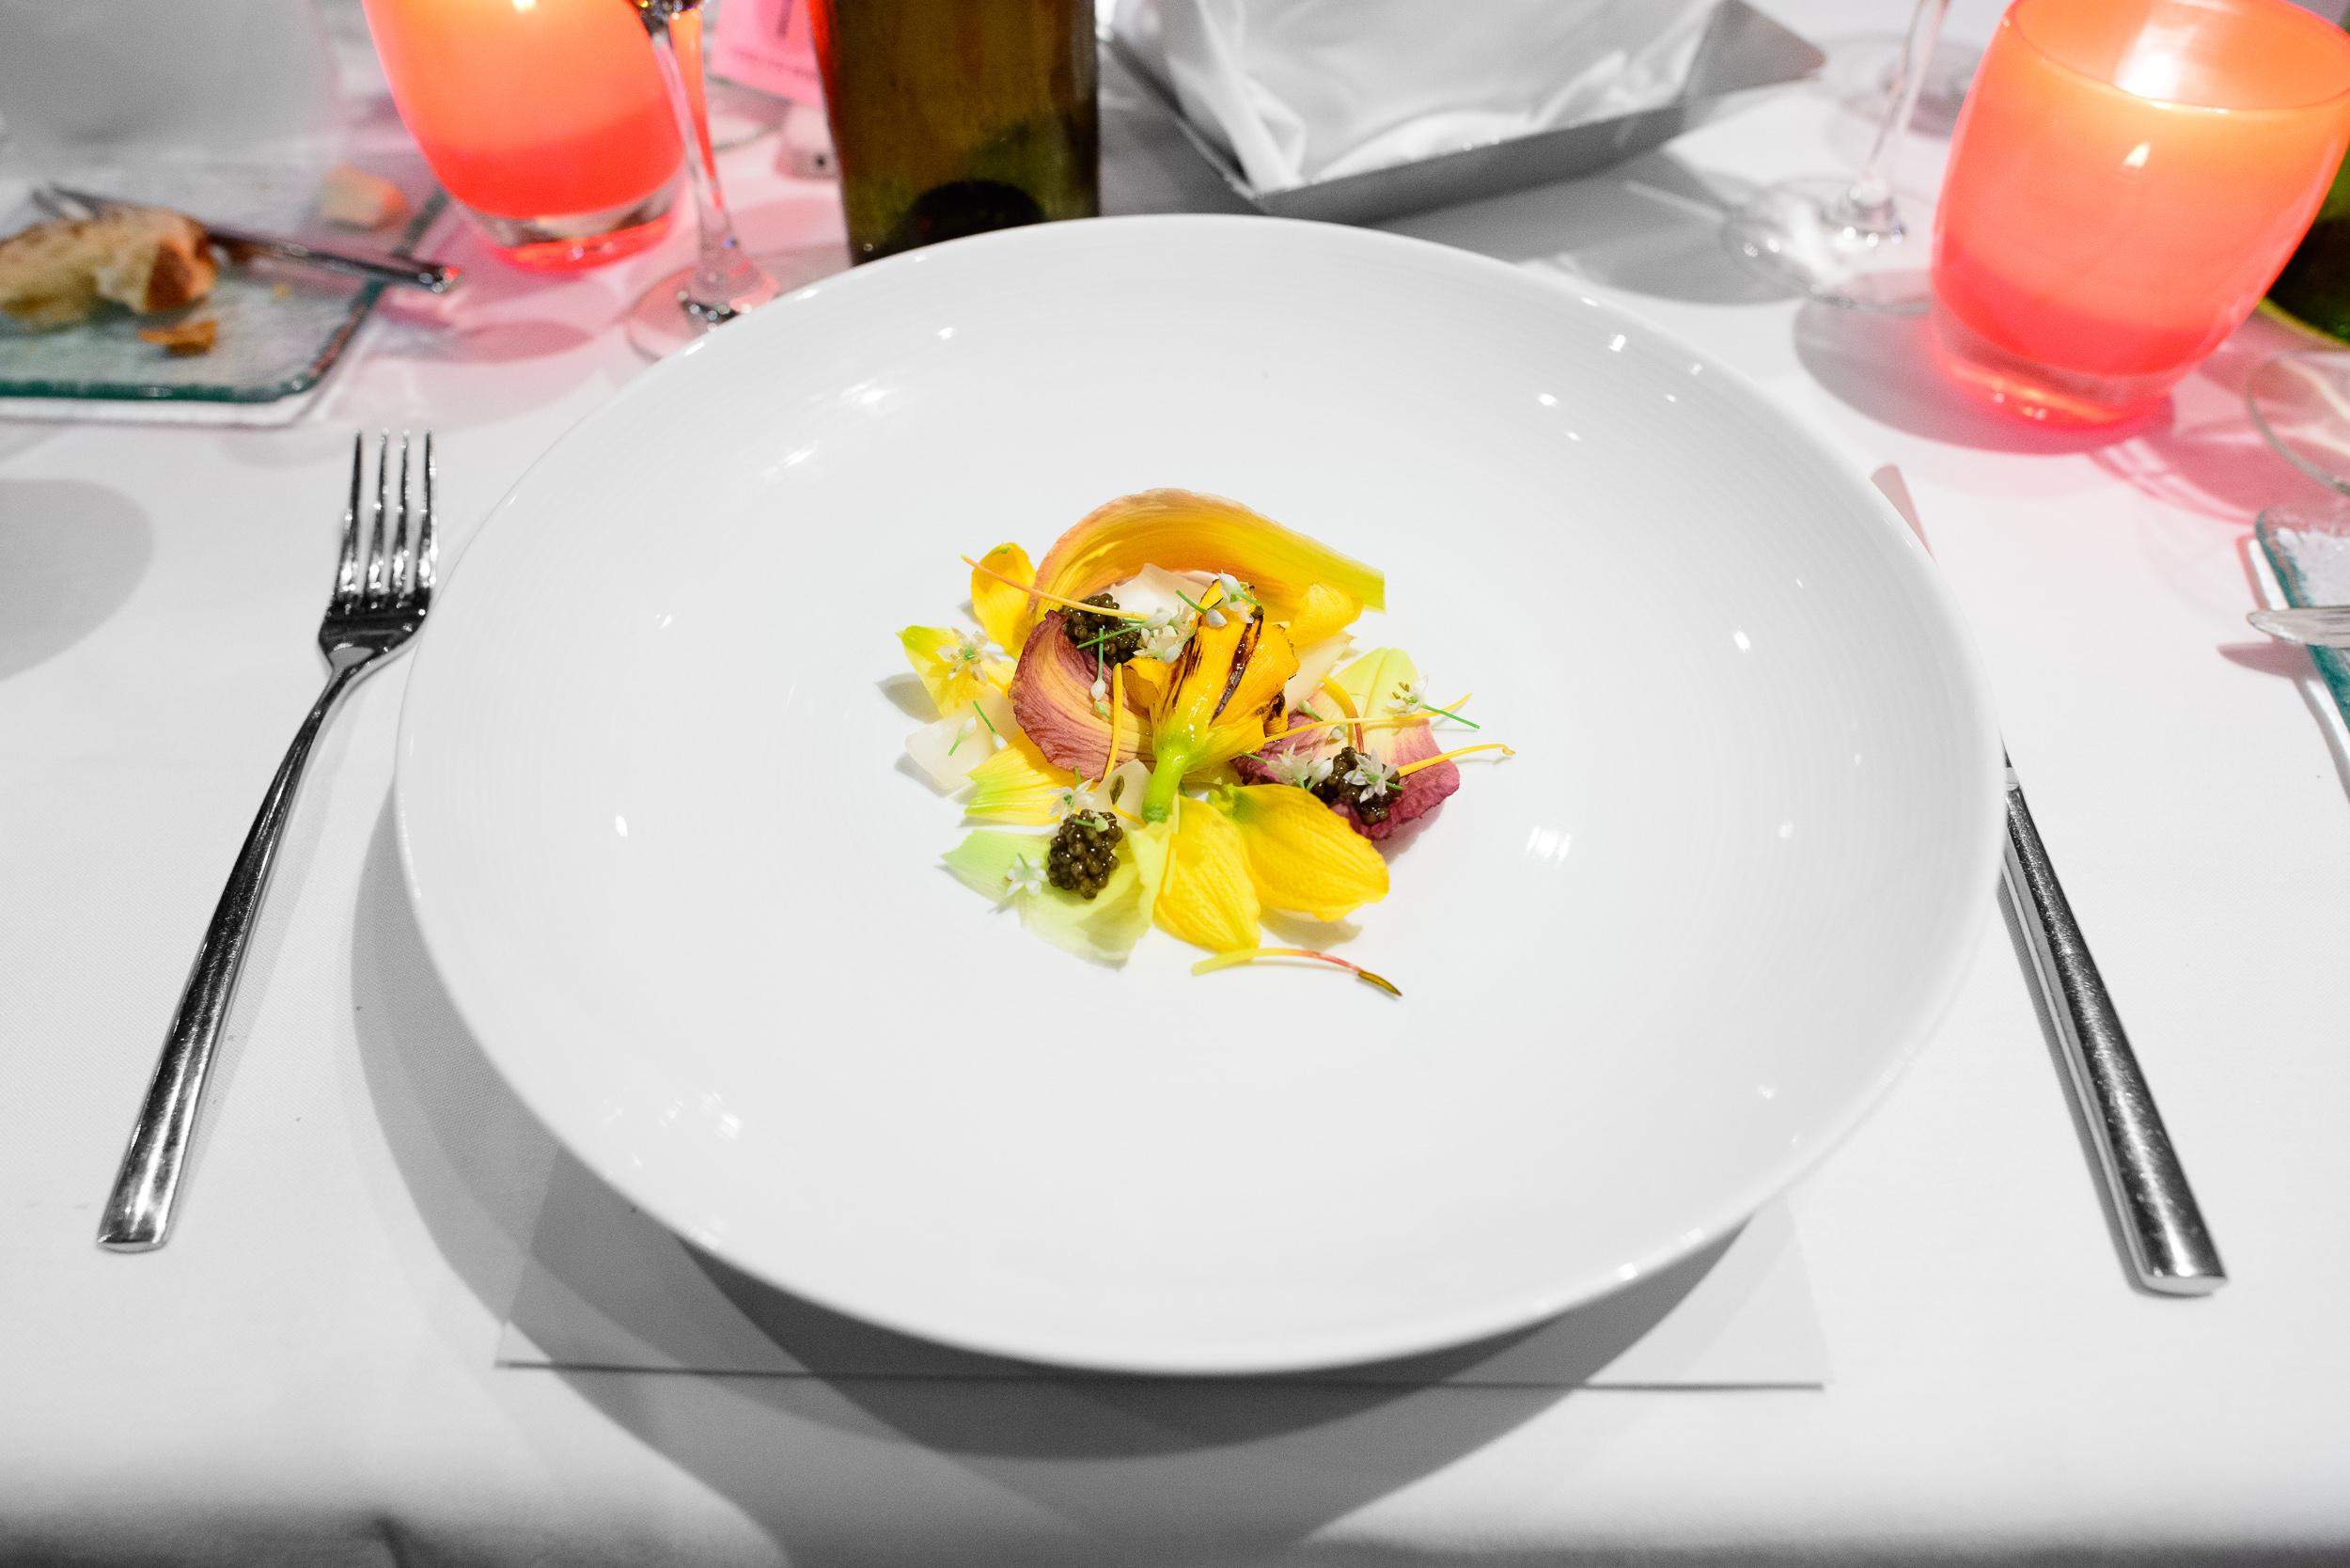 3rd Course: Day lilies, spot prawn, leek flowers, Ossetra caviar